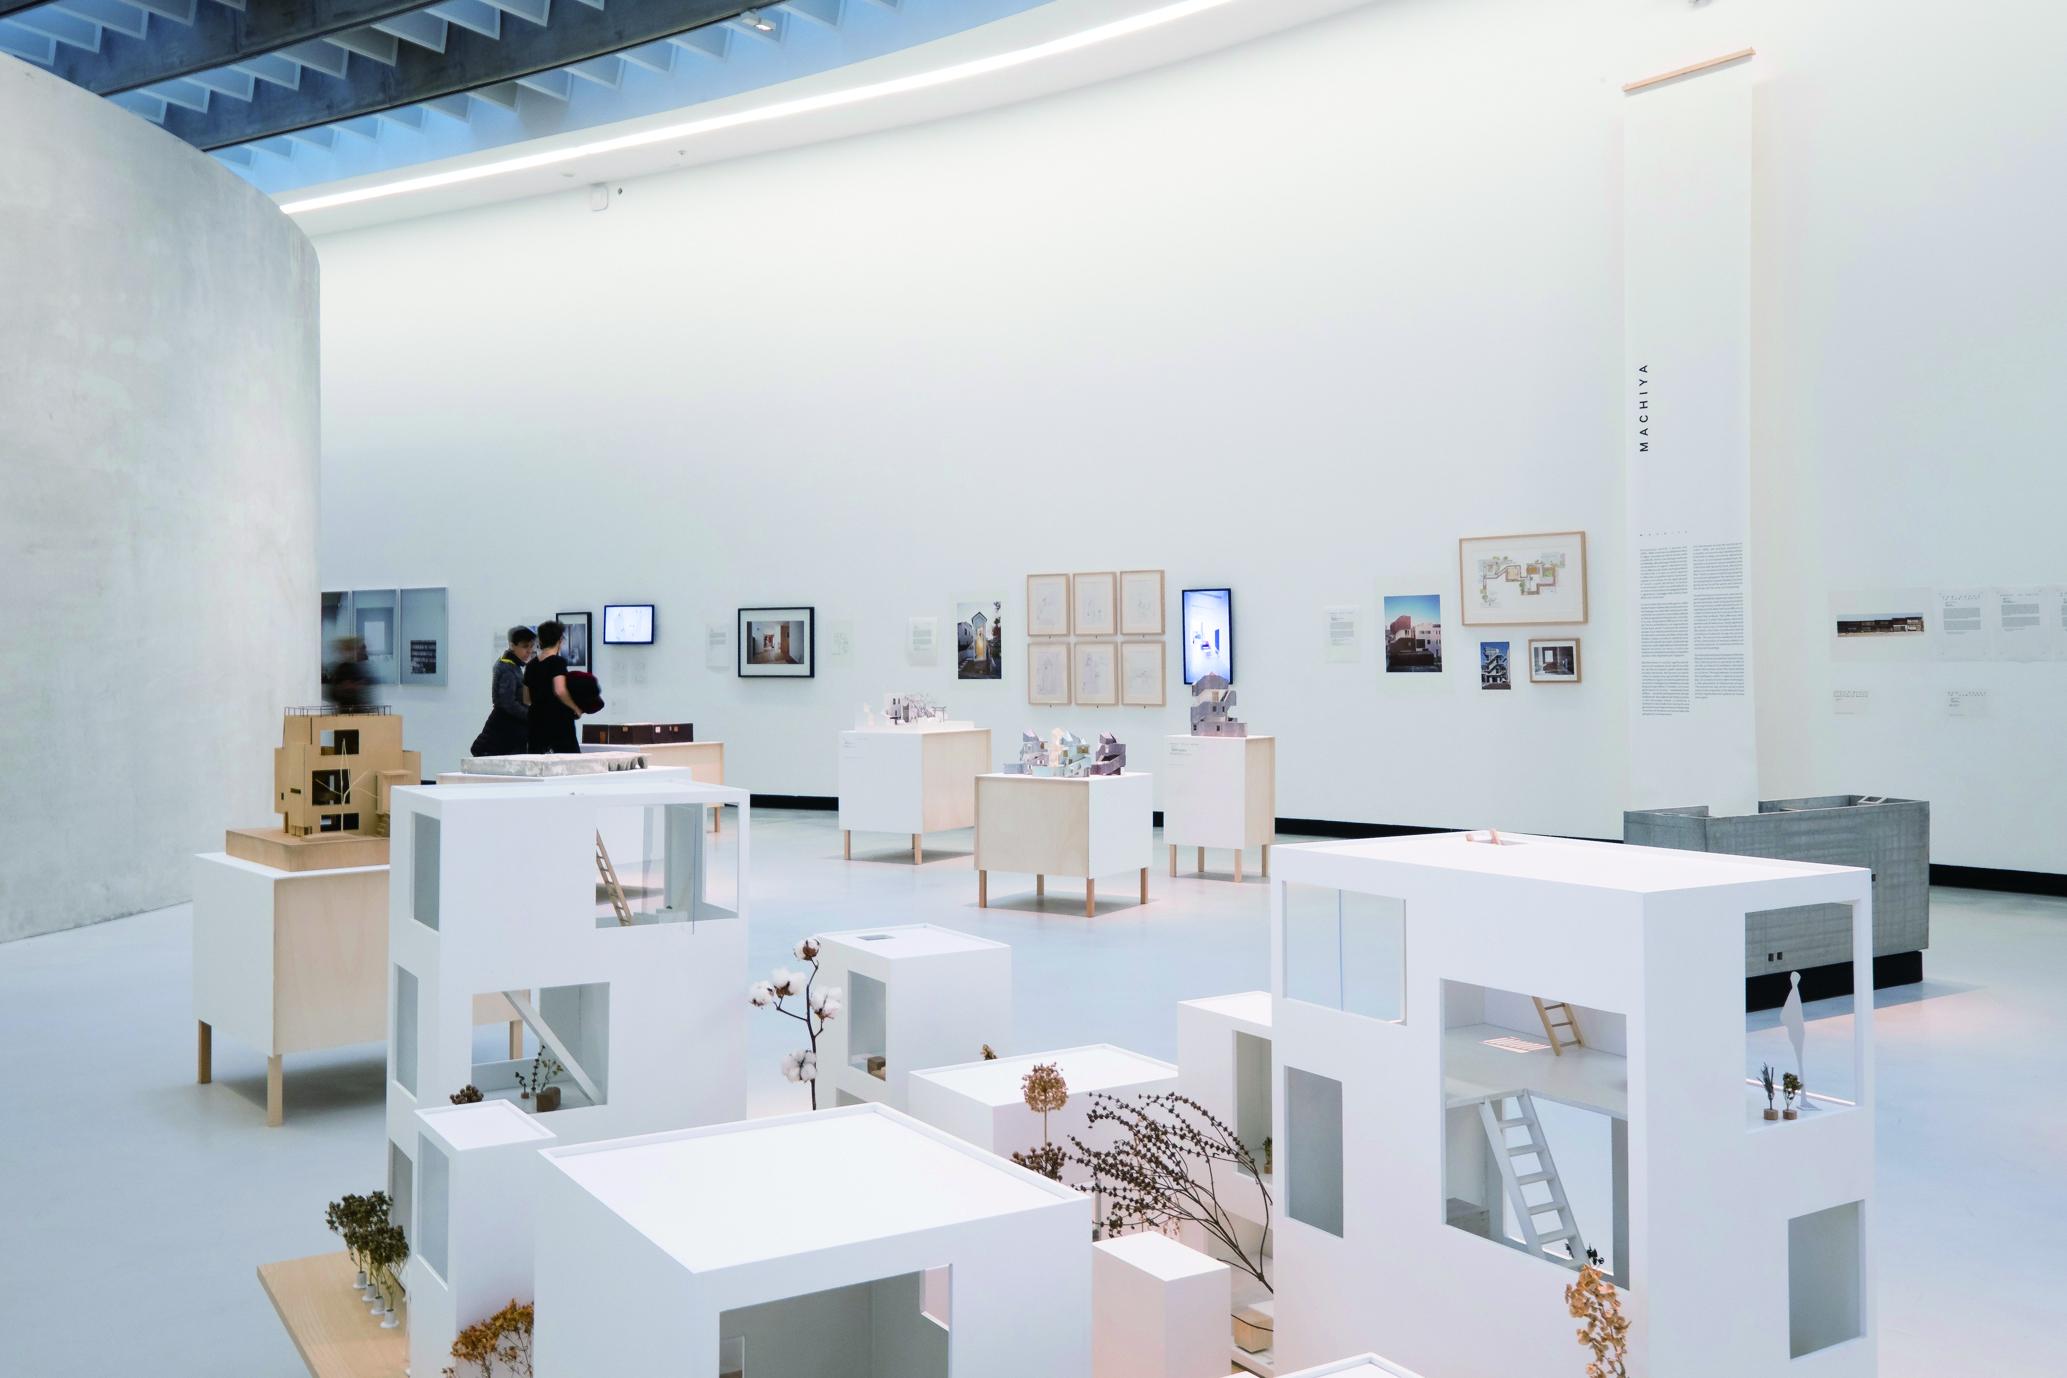 2016 年 11 月に開催されたローマの MAXXI 国立 21 世紀美術館での展示風景 Ⓒ シモーナ・フェラーリ 写真提供:アトリエ・ワン